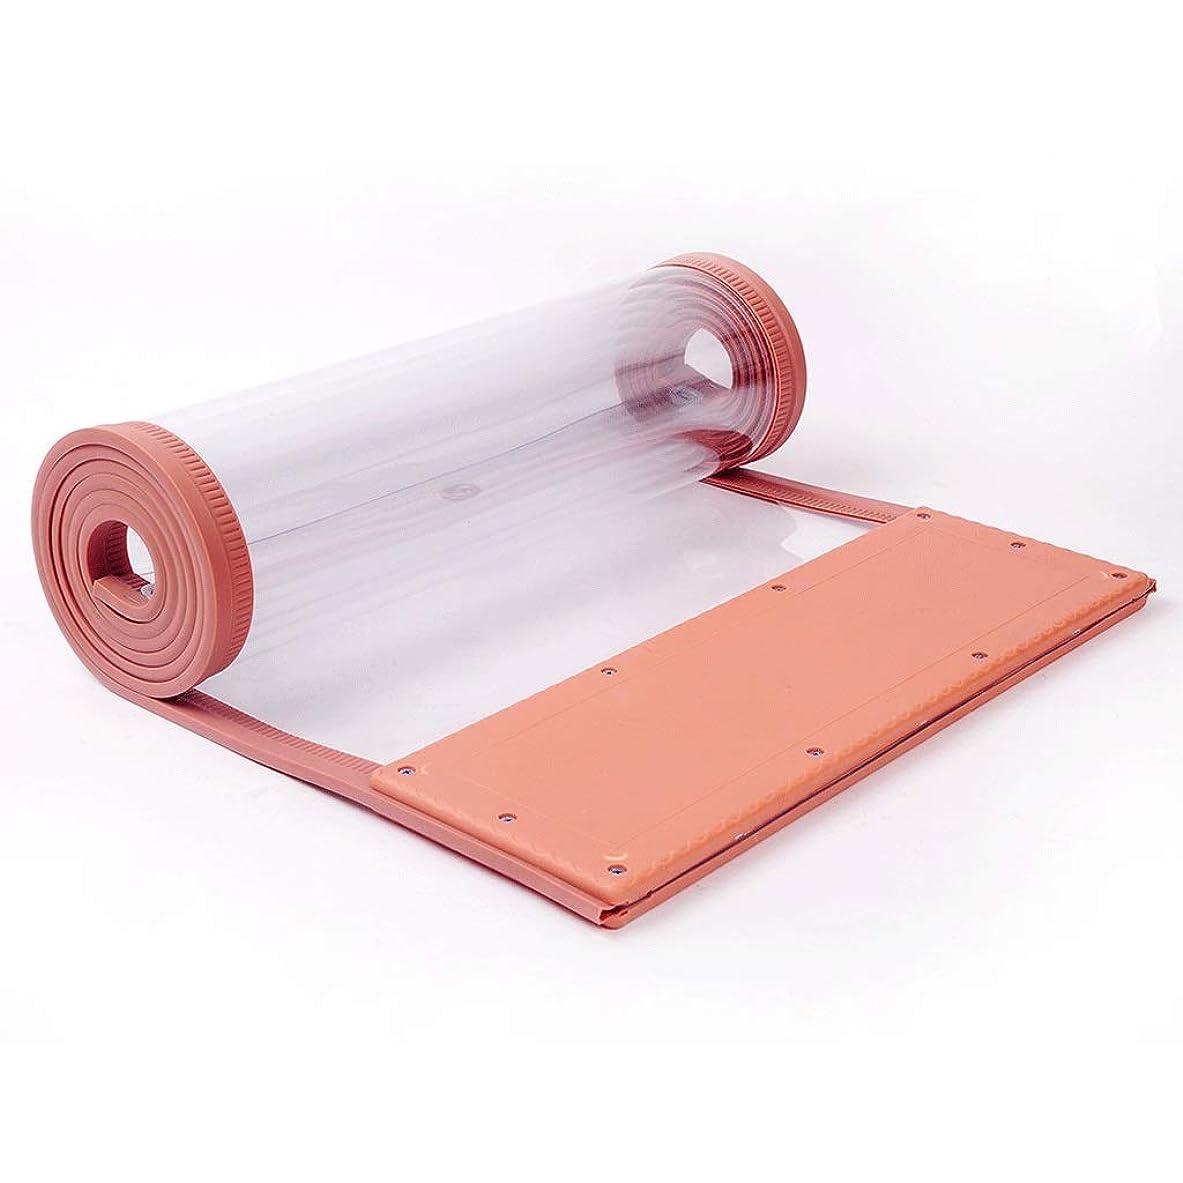 部分的にイデオロギー町パーティションカーテン - フロントガラスガラスポリ塩化ビニールの柔らかいカーテンマグネットエアコンアンチコールドエアカーテン (色 : Brown (2.0 mm weight), サイズ さいず : 50×235cm)